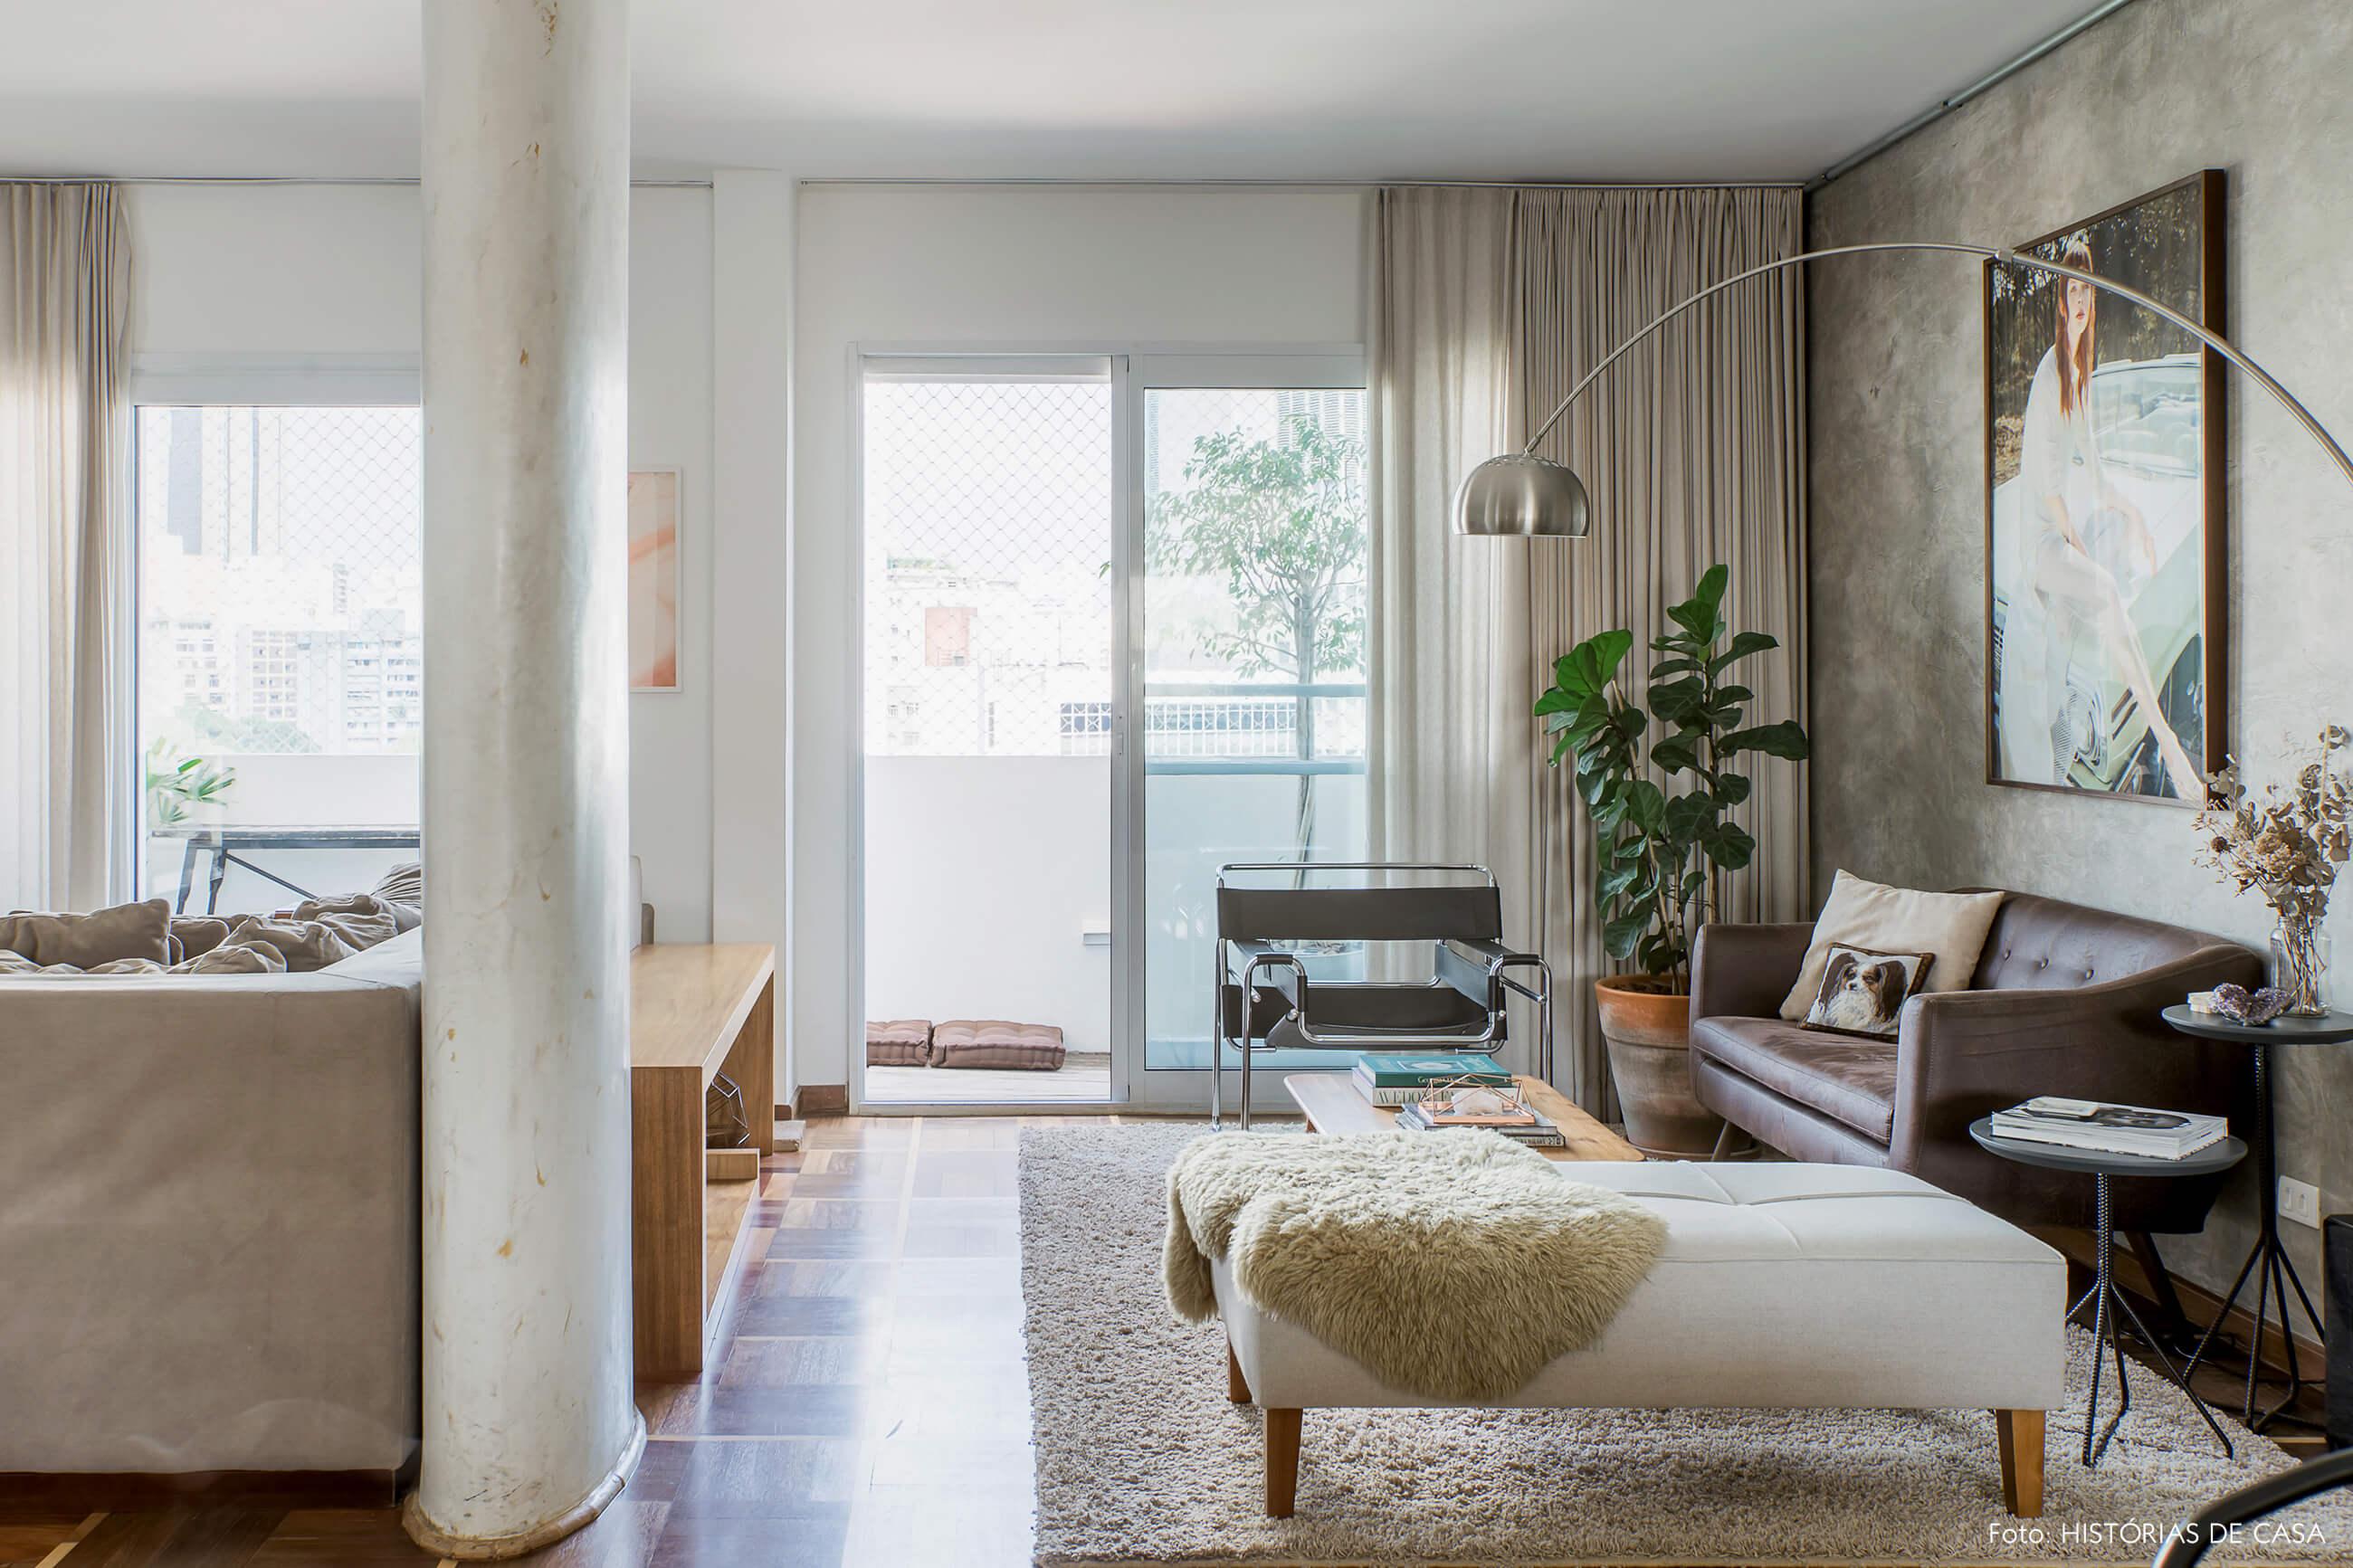 Apartamento com sala integrada e piso de parquet